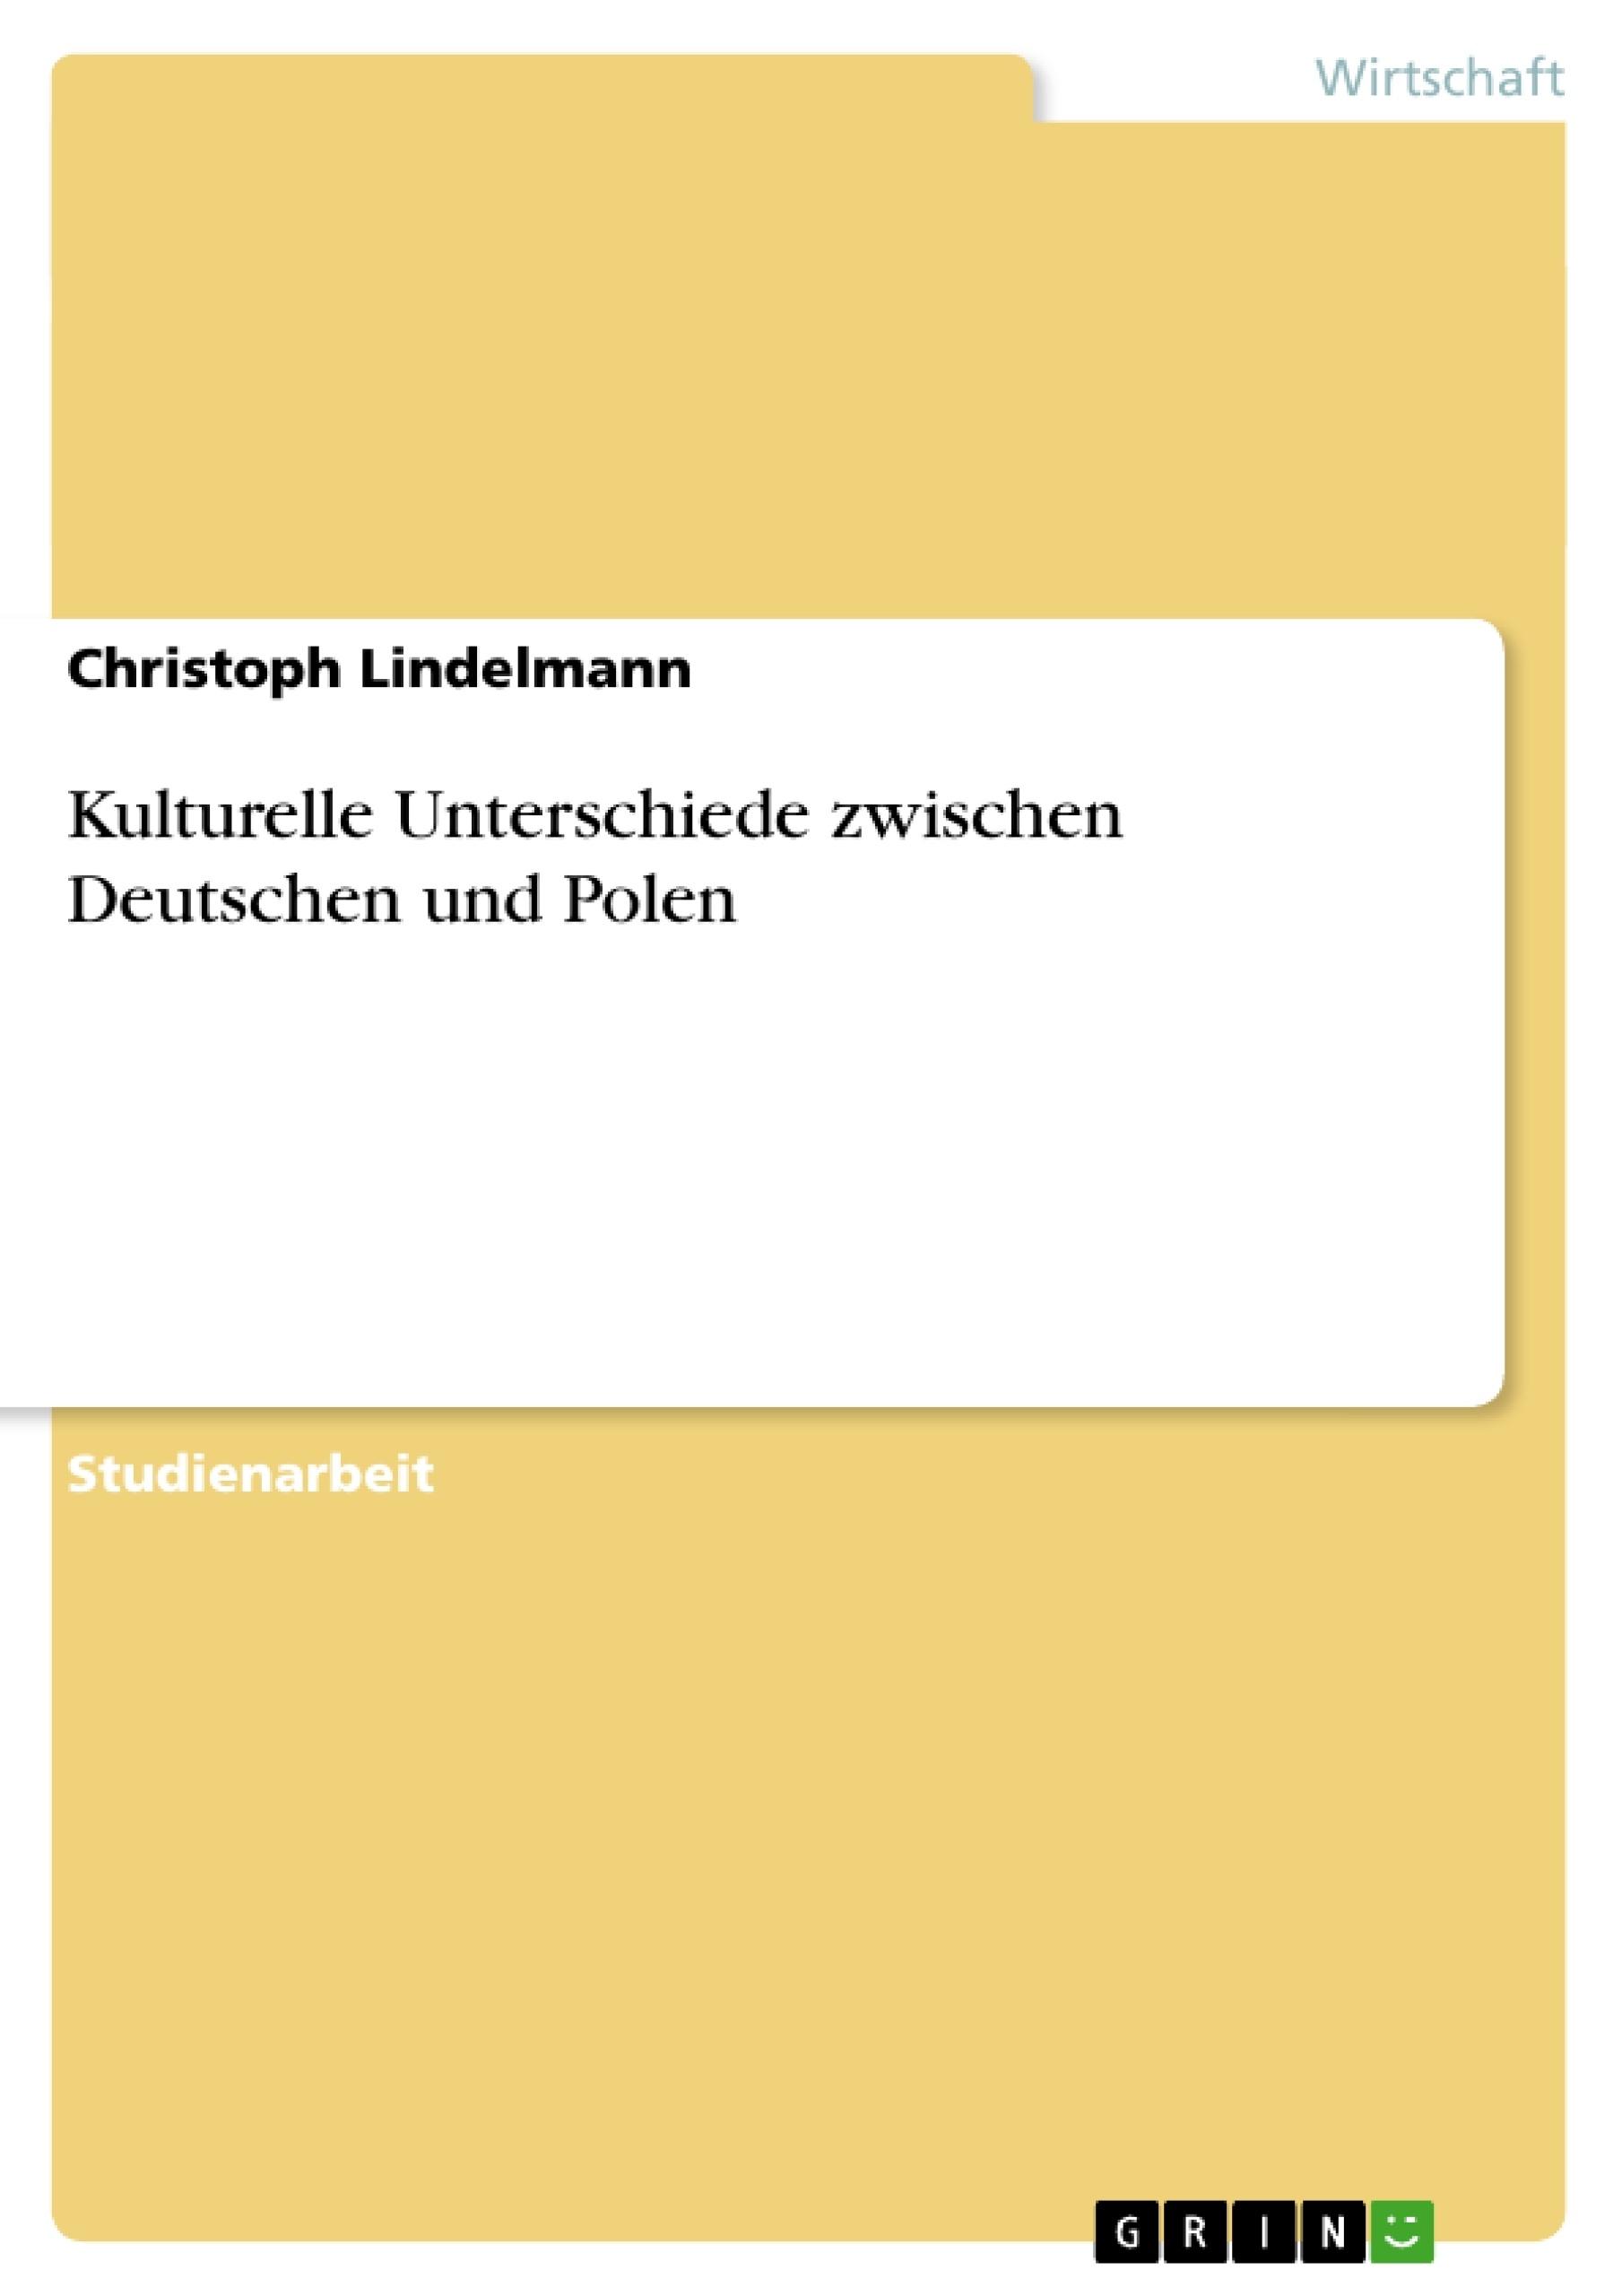 Titel: Kulturelle Unterschiede zwischen Deutschen und Polen